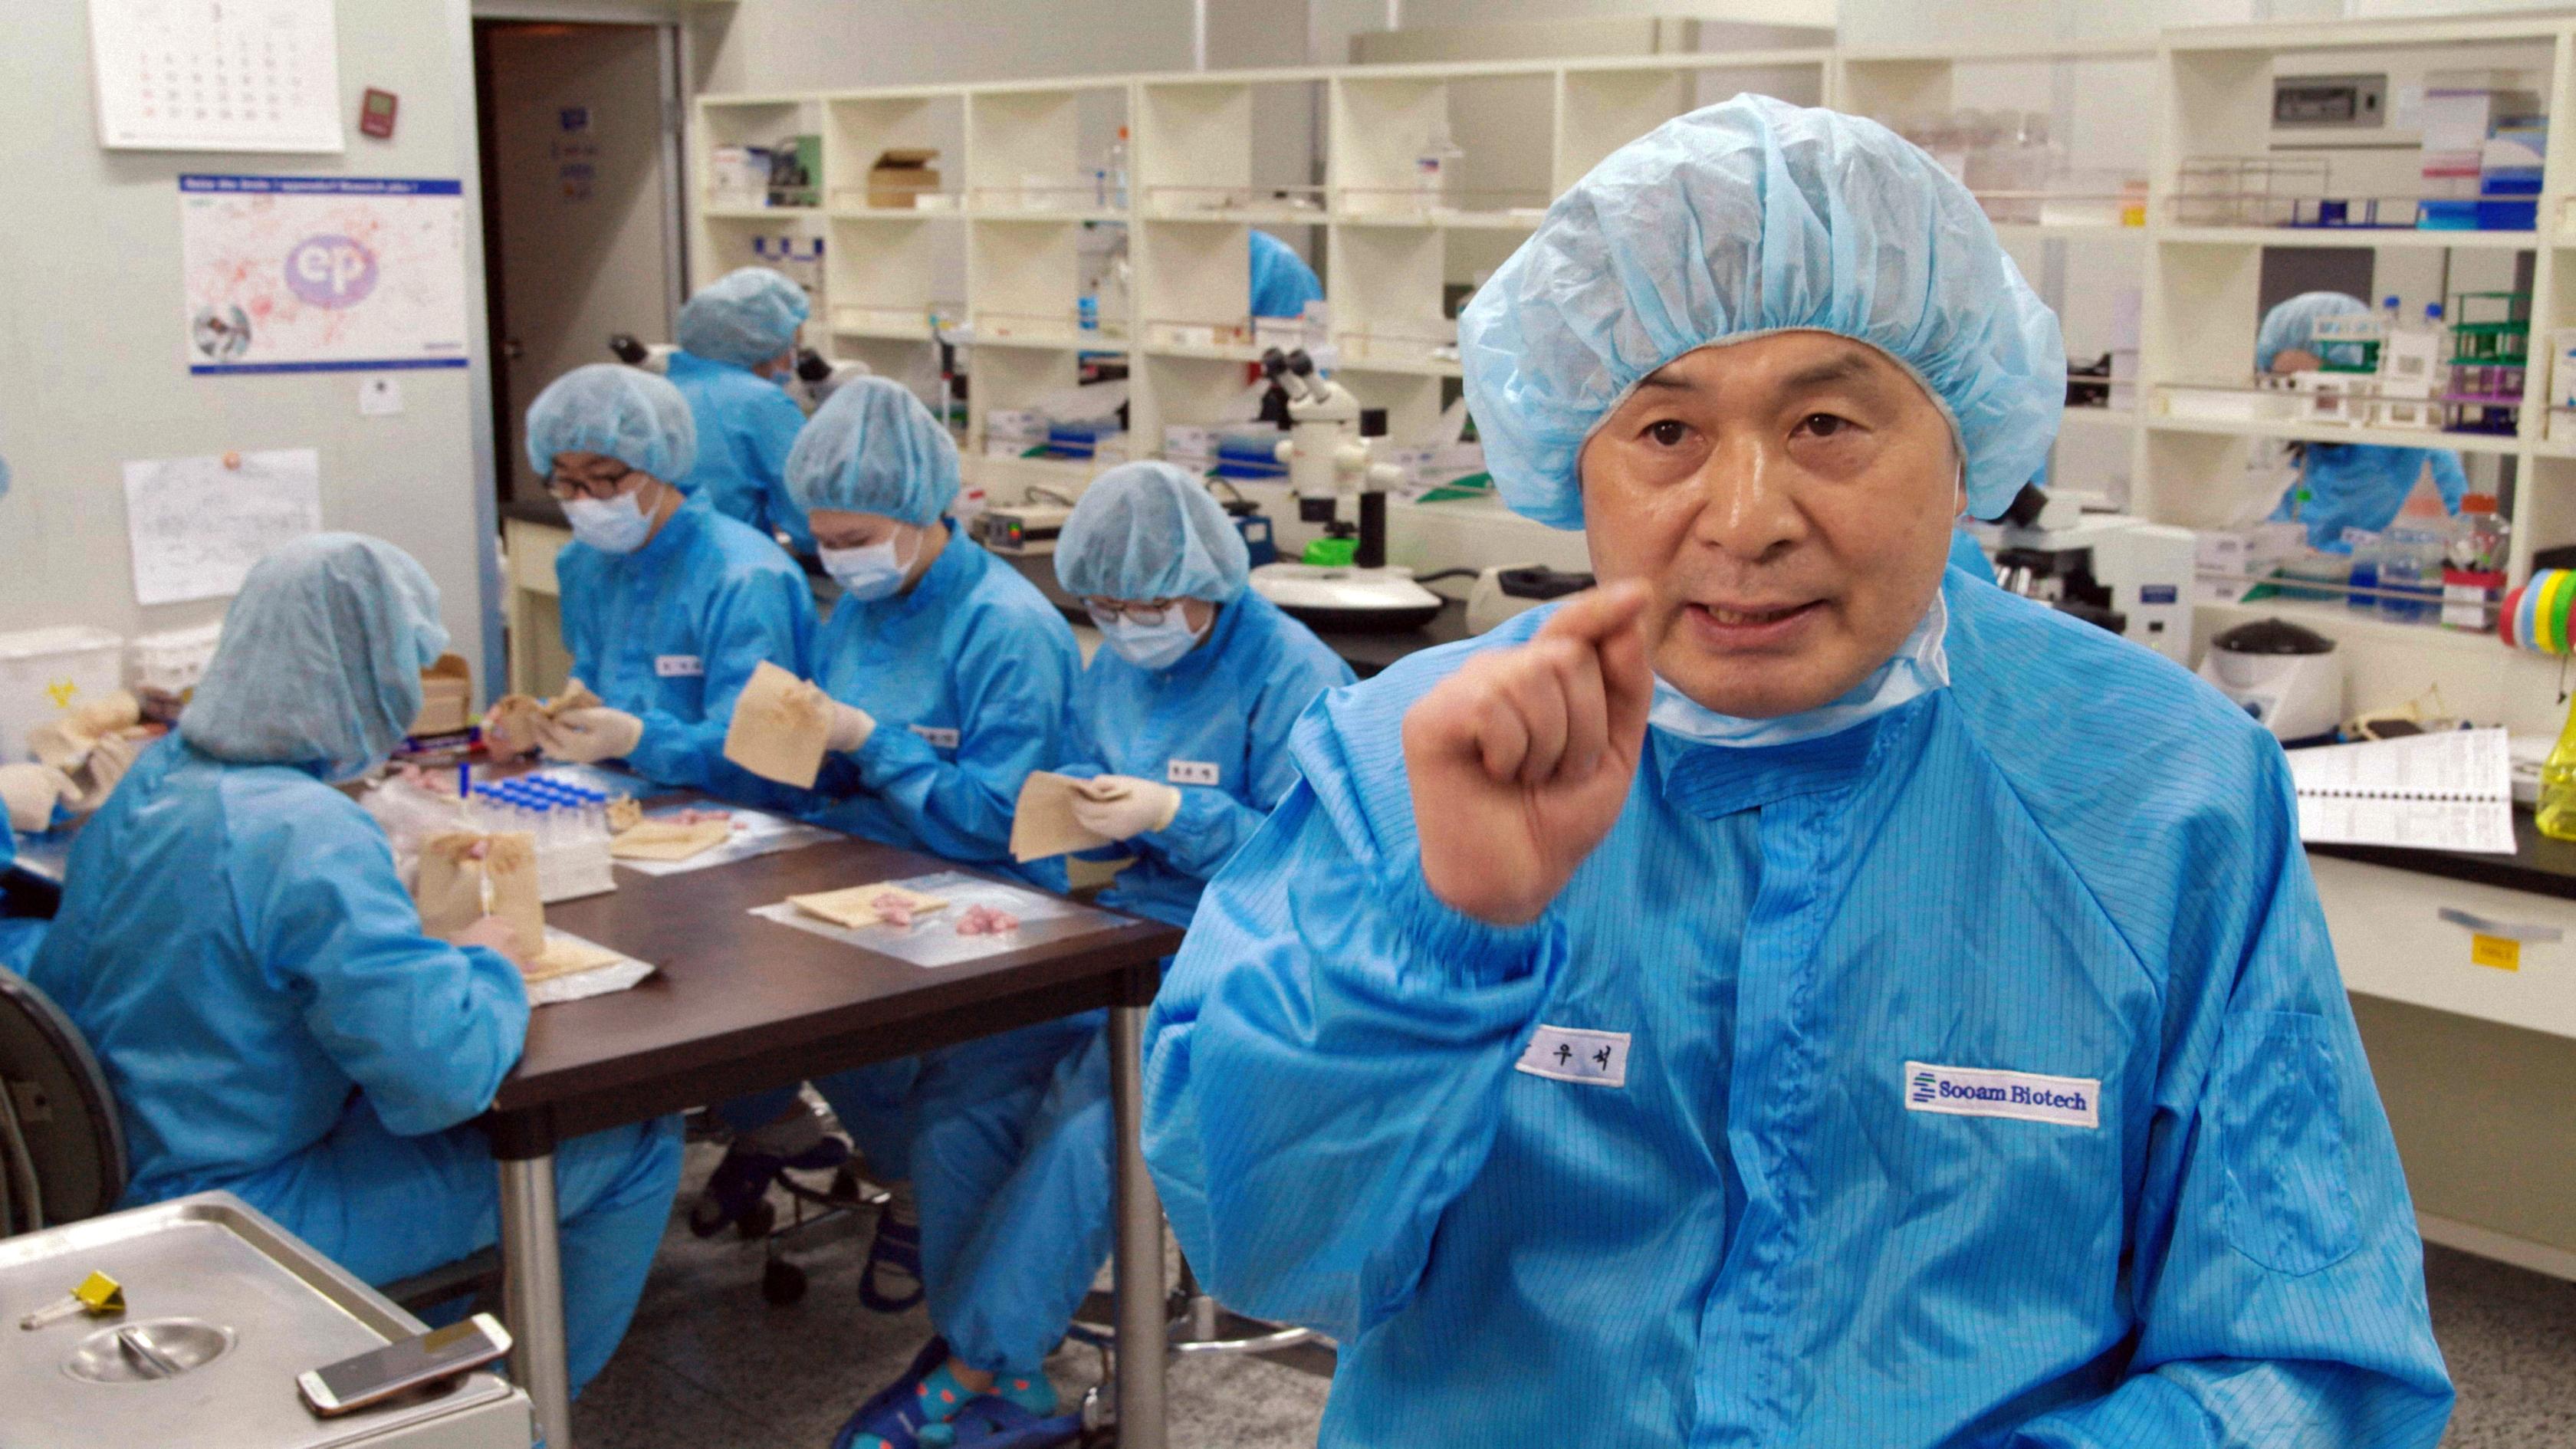 Semyon Grigoriev droomt ervan een mammoet te klonen. Beeld: Genesis 2.0